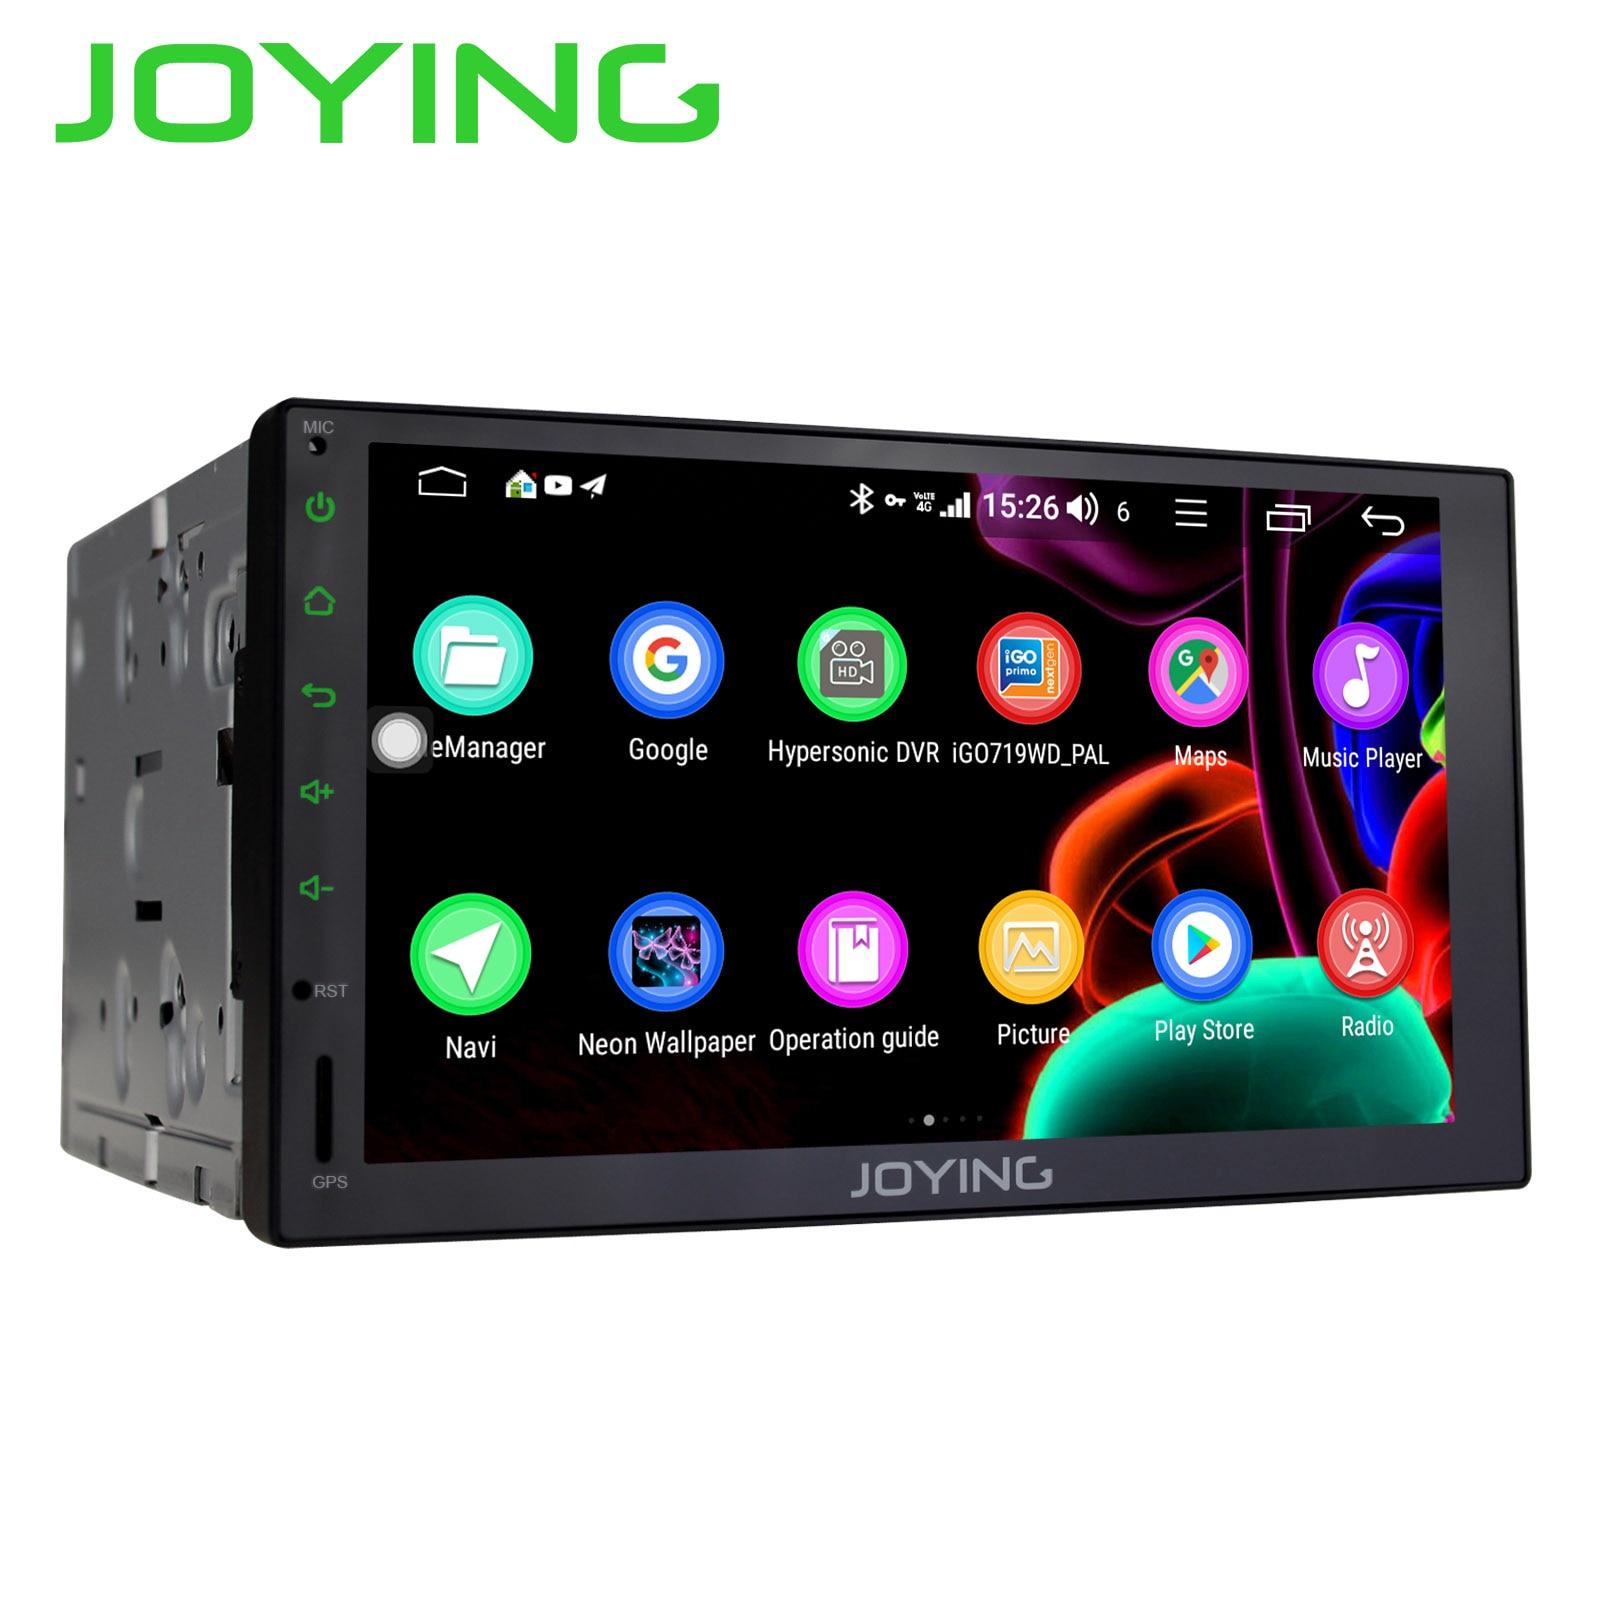 JOYING 2 rádio do carro um din jogador Octa Núcleo 4GB + 4G DSP 64GB Android 8.1 Suporte GPS unidade de cabeça estéreo universal SWC multimedia player